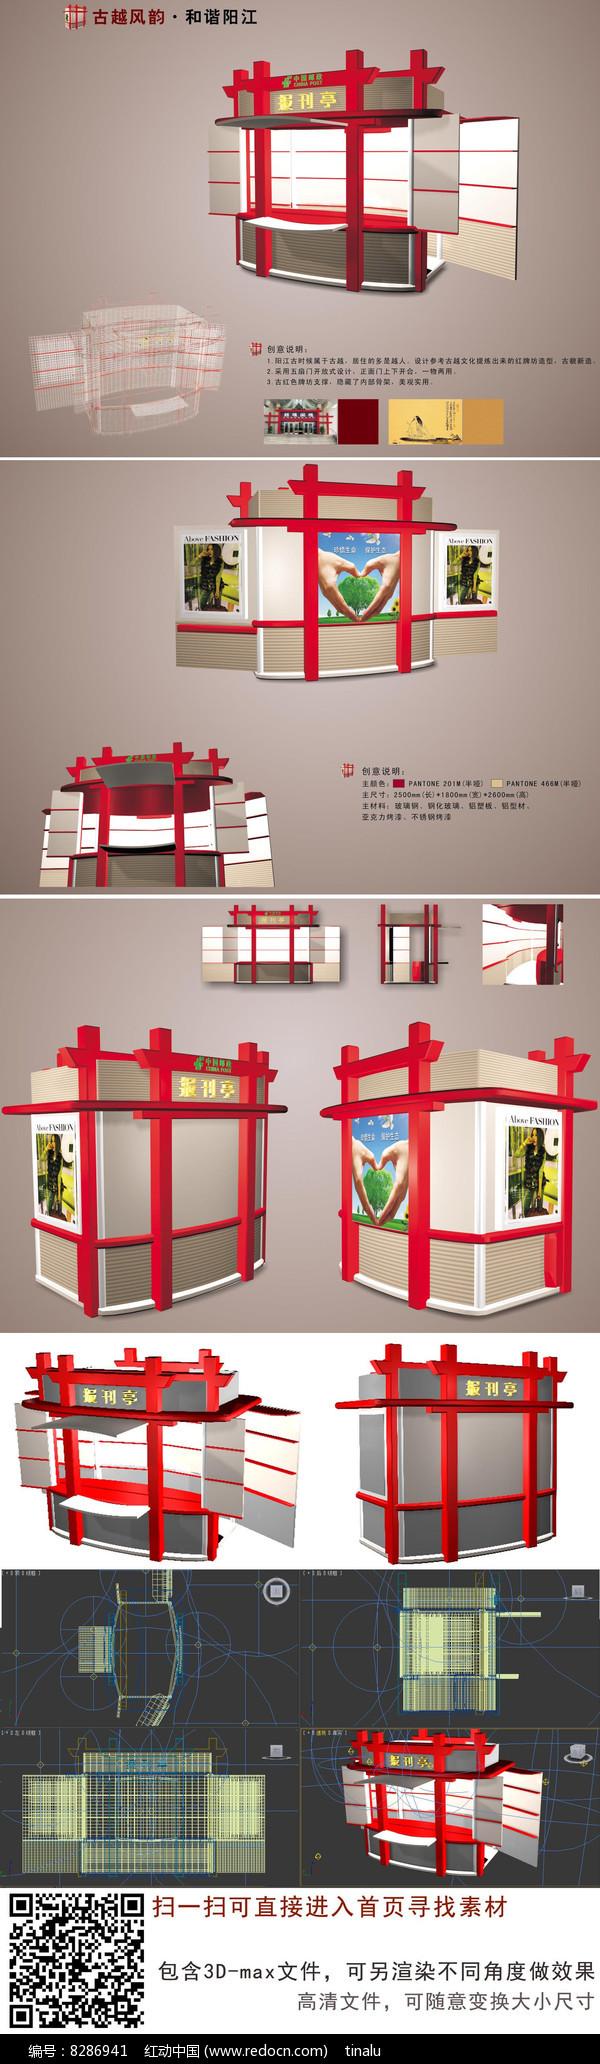 古越古典传统报刊亭中国邮政3d max模型图片